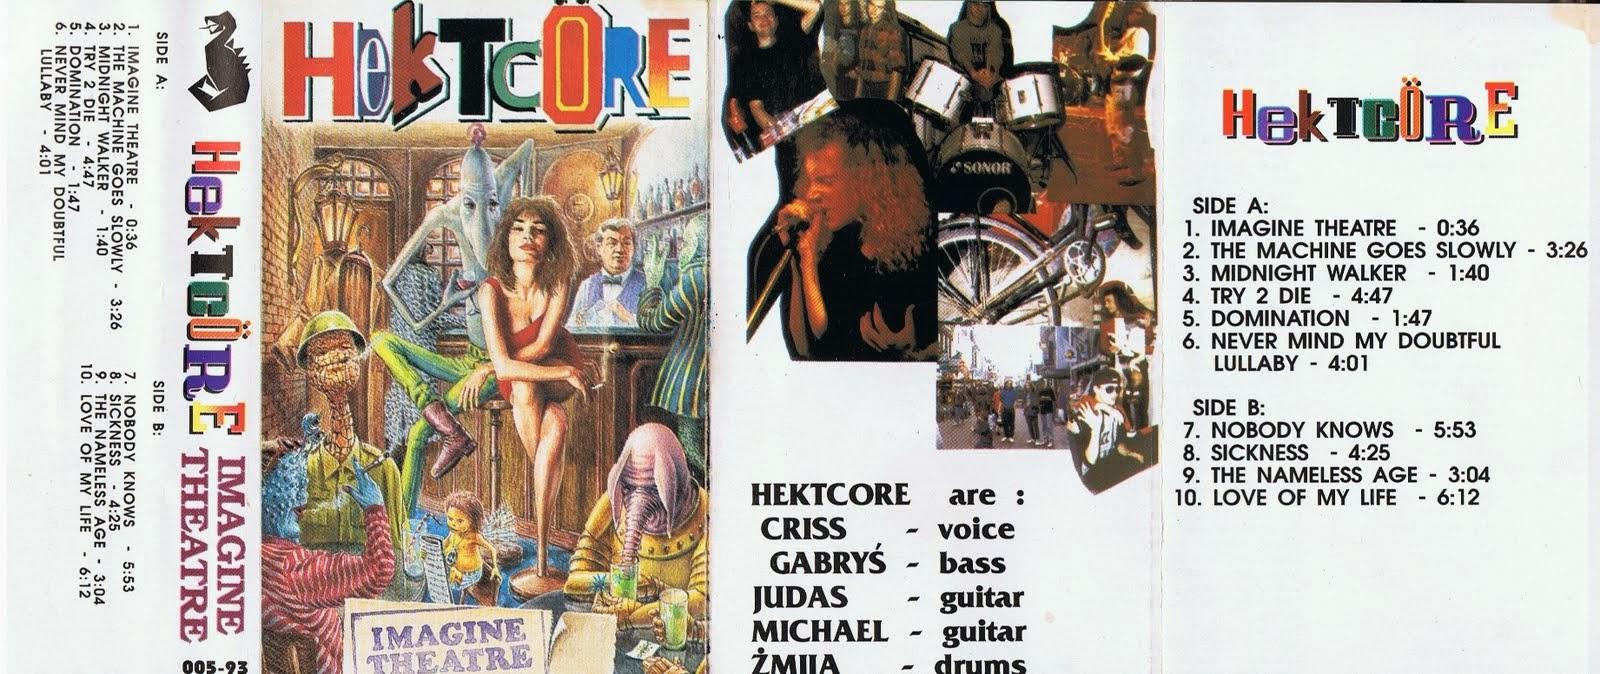 http://2.bp.blogspot.com/_KwrDte9wEx8/TTyOgmpp5UI/AAAAAAAAC9Q/wb5op_N3xj8/s1600/Hektcore+-+Imagine+Theatre+-+front.jpg